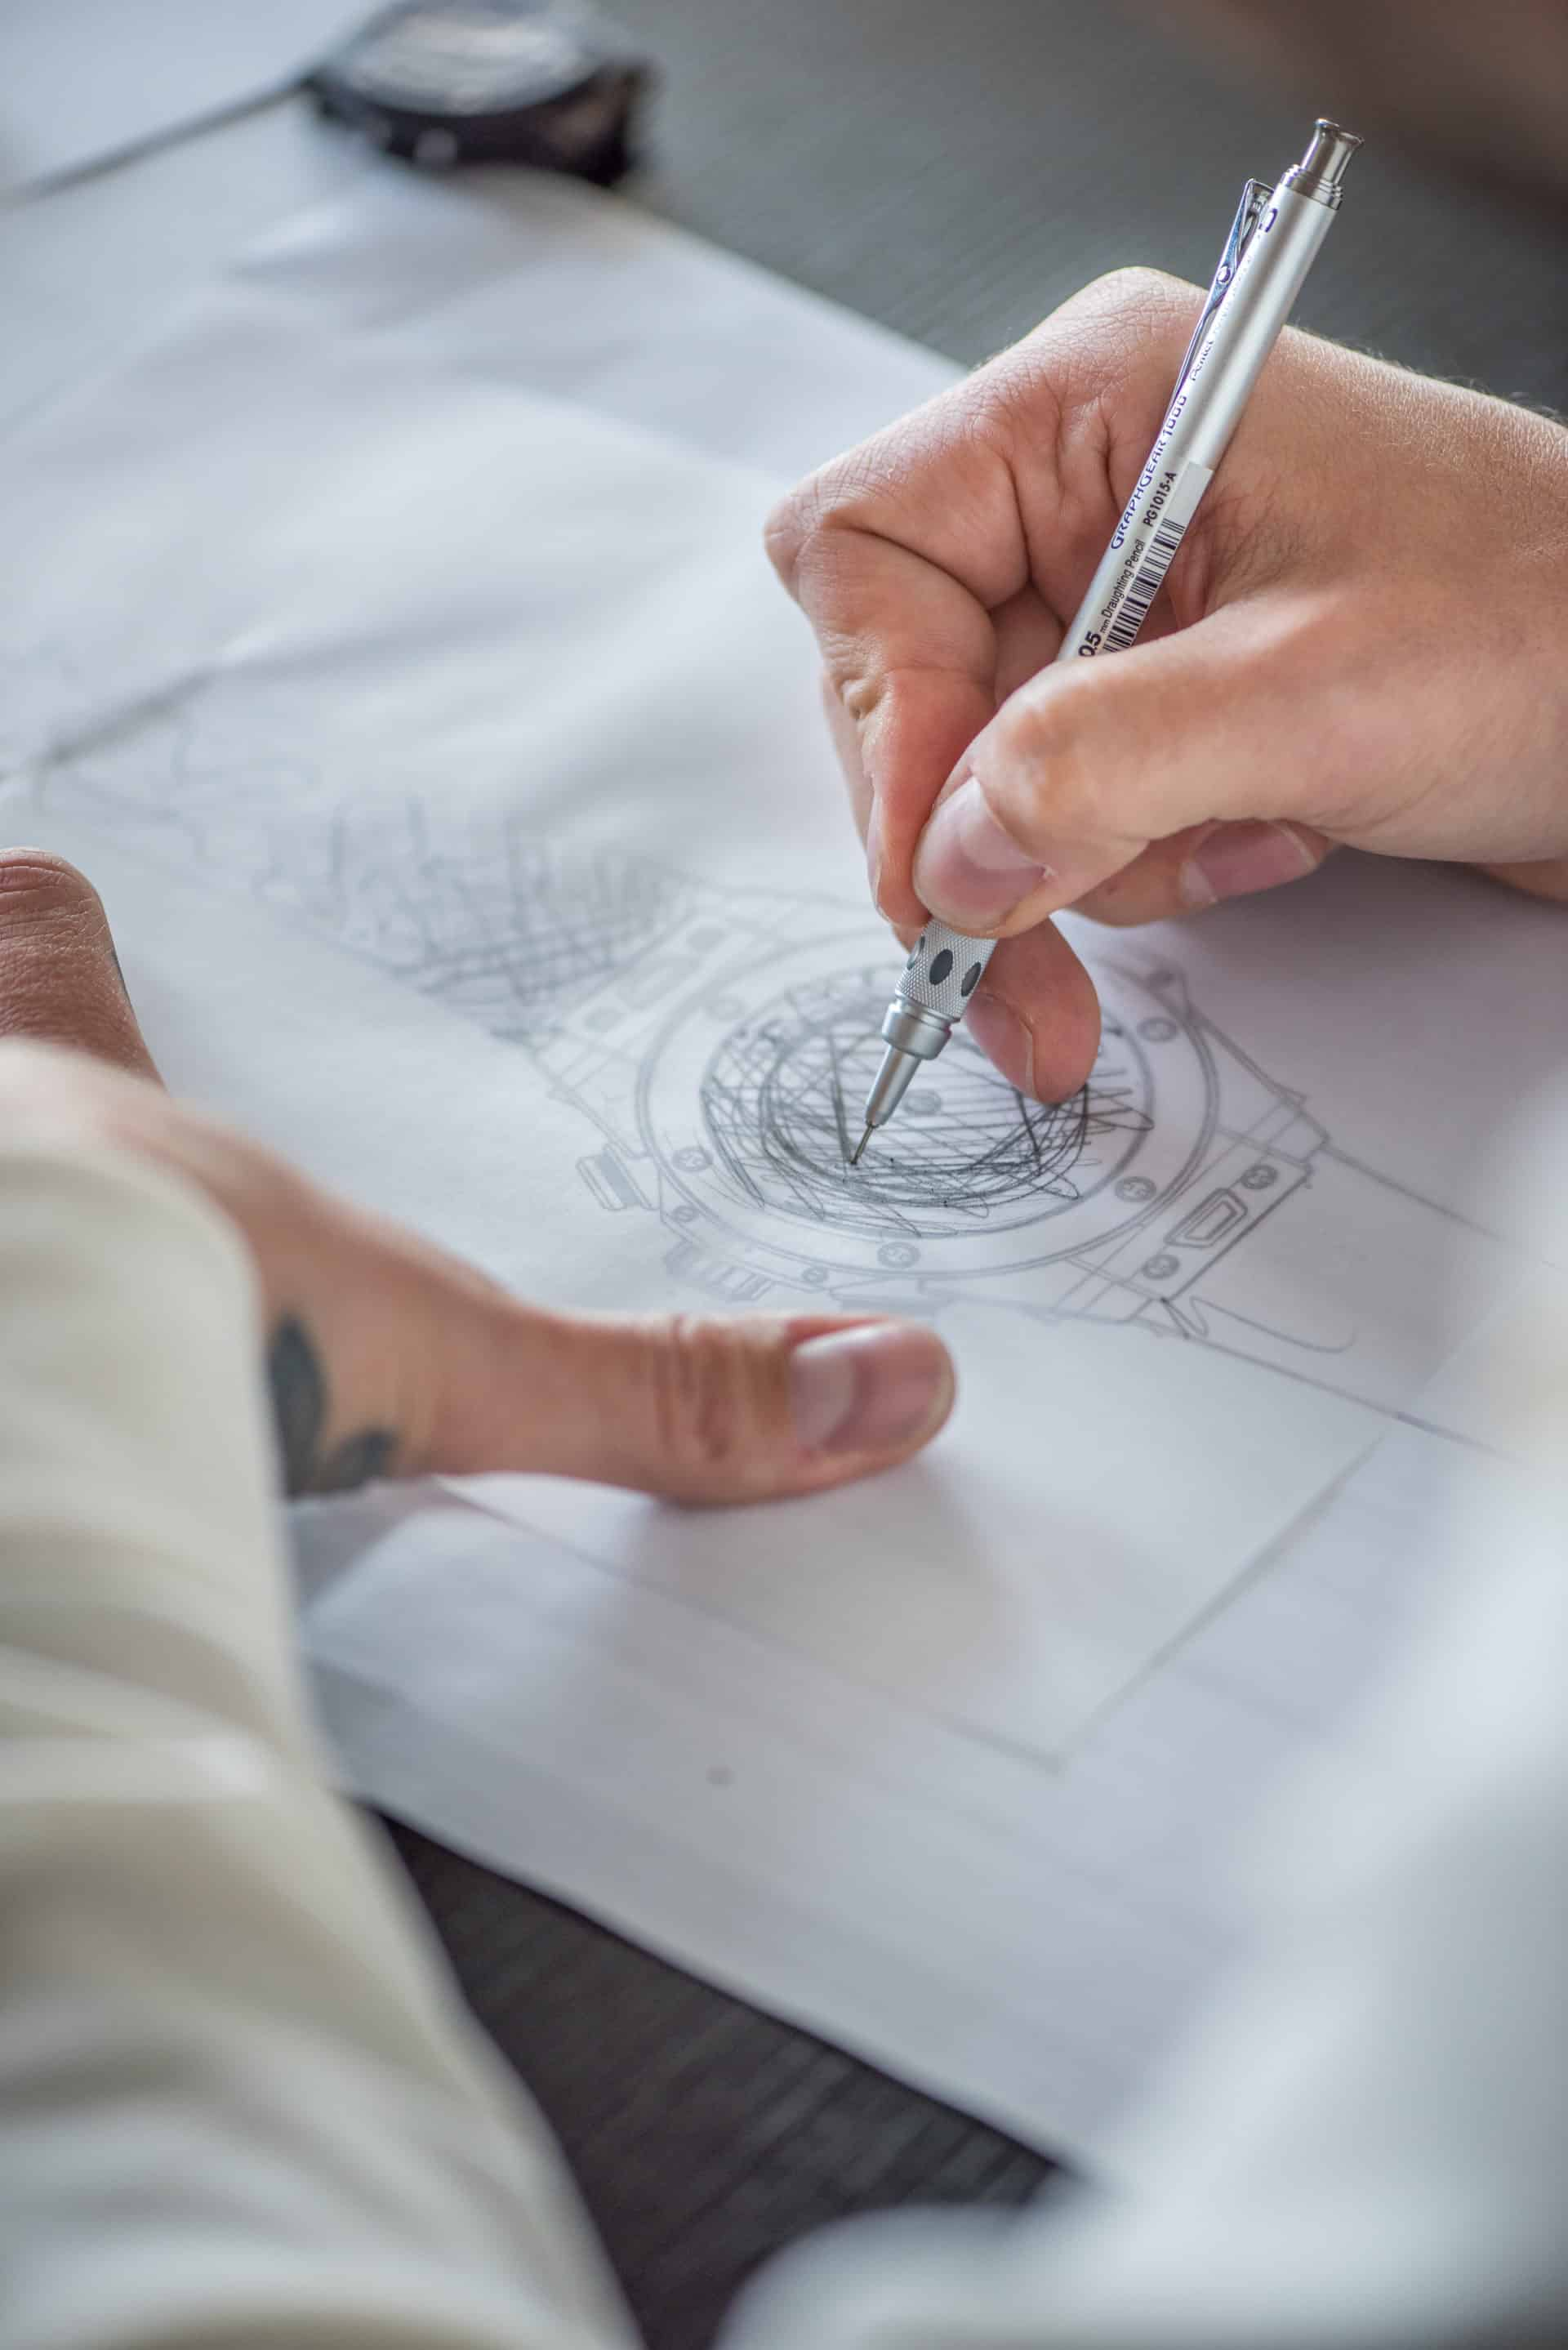 Der Designer Maxime Büchi bei der Arbeit an seinen Design-Entwürfen